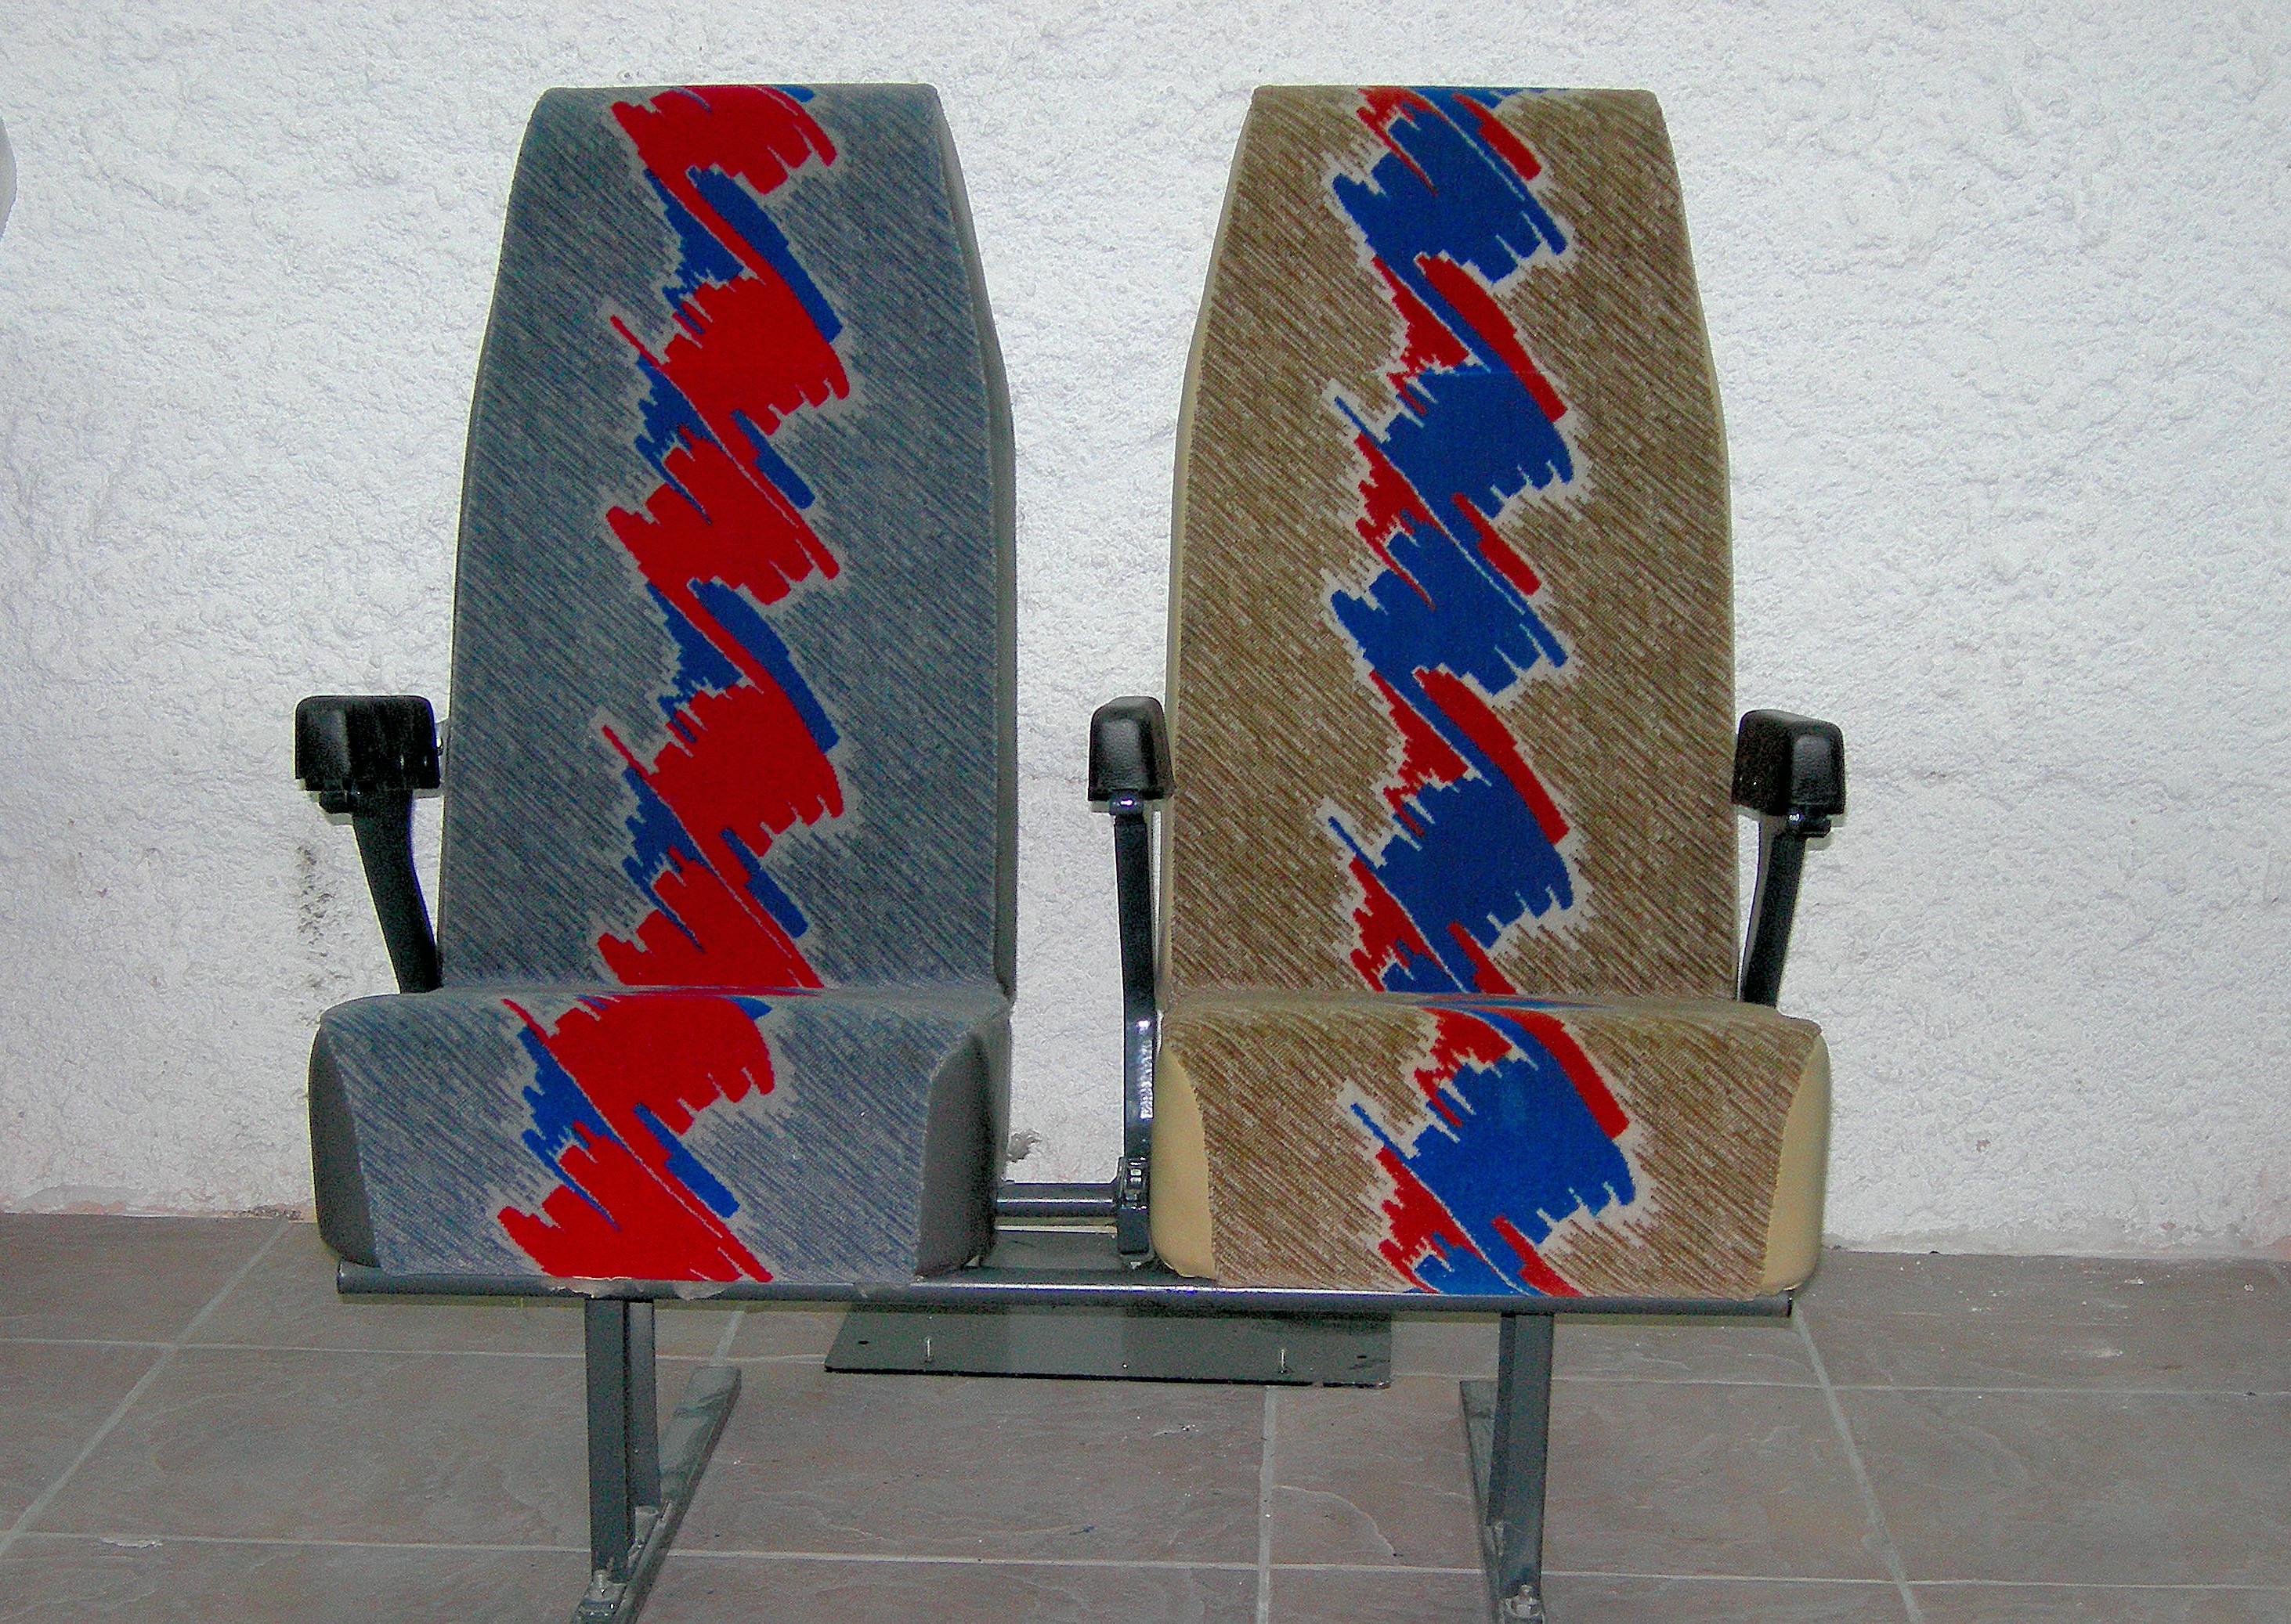 Κάθισμα μονό, διπλό, τριπλό, τετραπλό τύπου MERCEDES 3